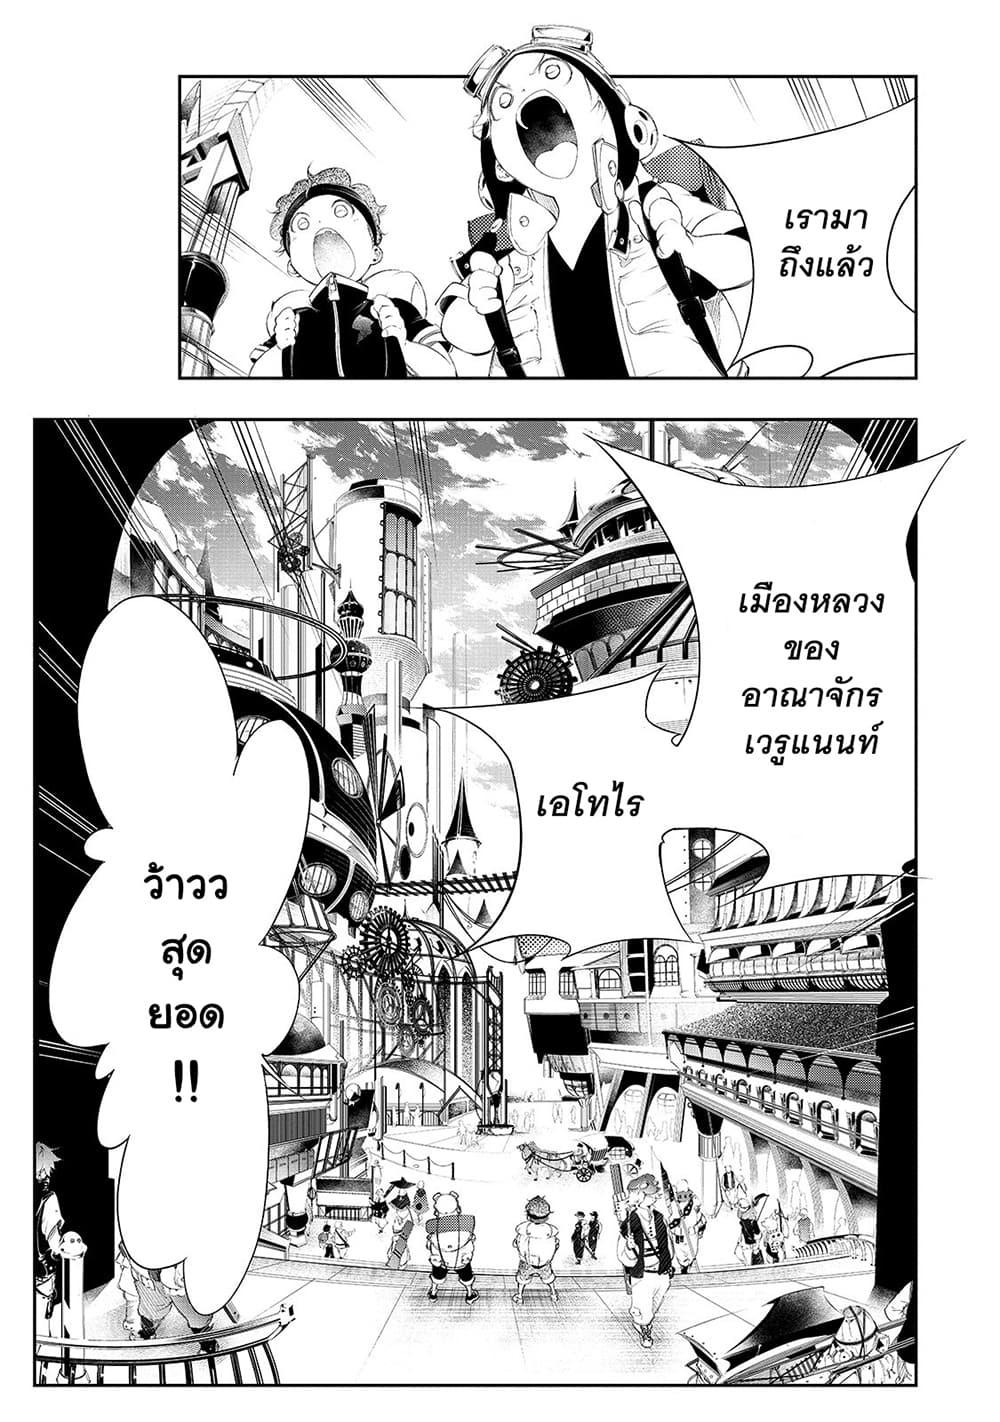 อ่านการ์ตูน Saikyou no Shien-shoku Wajutsushi Dearu Ore wa Sekai Saikyou Kuran o Shitagaeru ตอนที่ 2 หน้าที่ 4